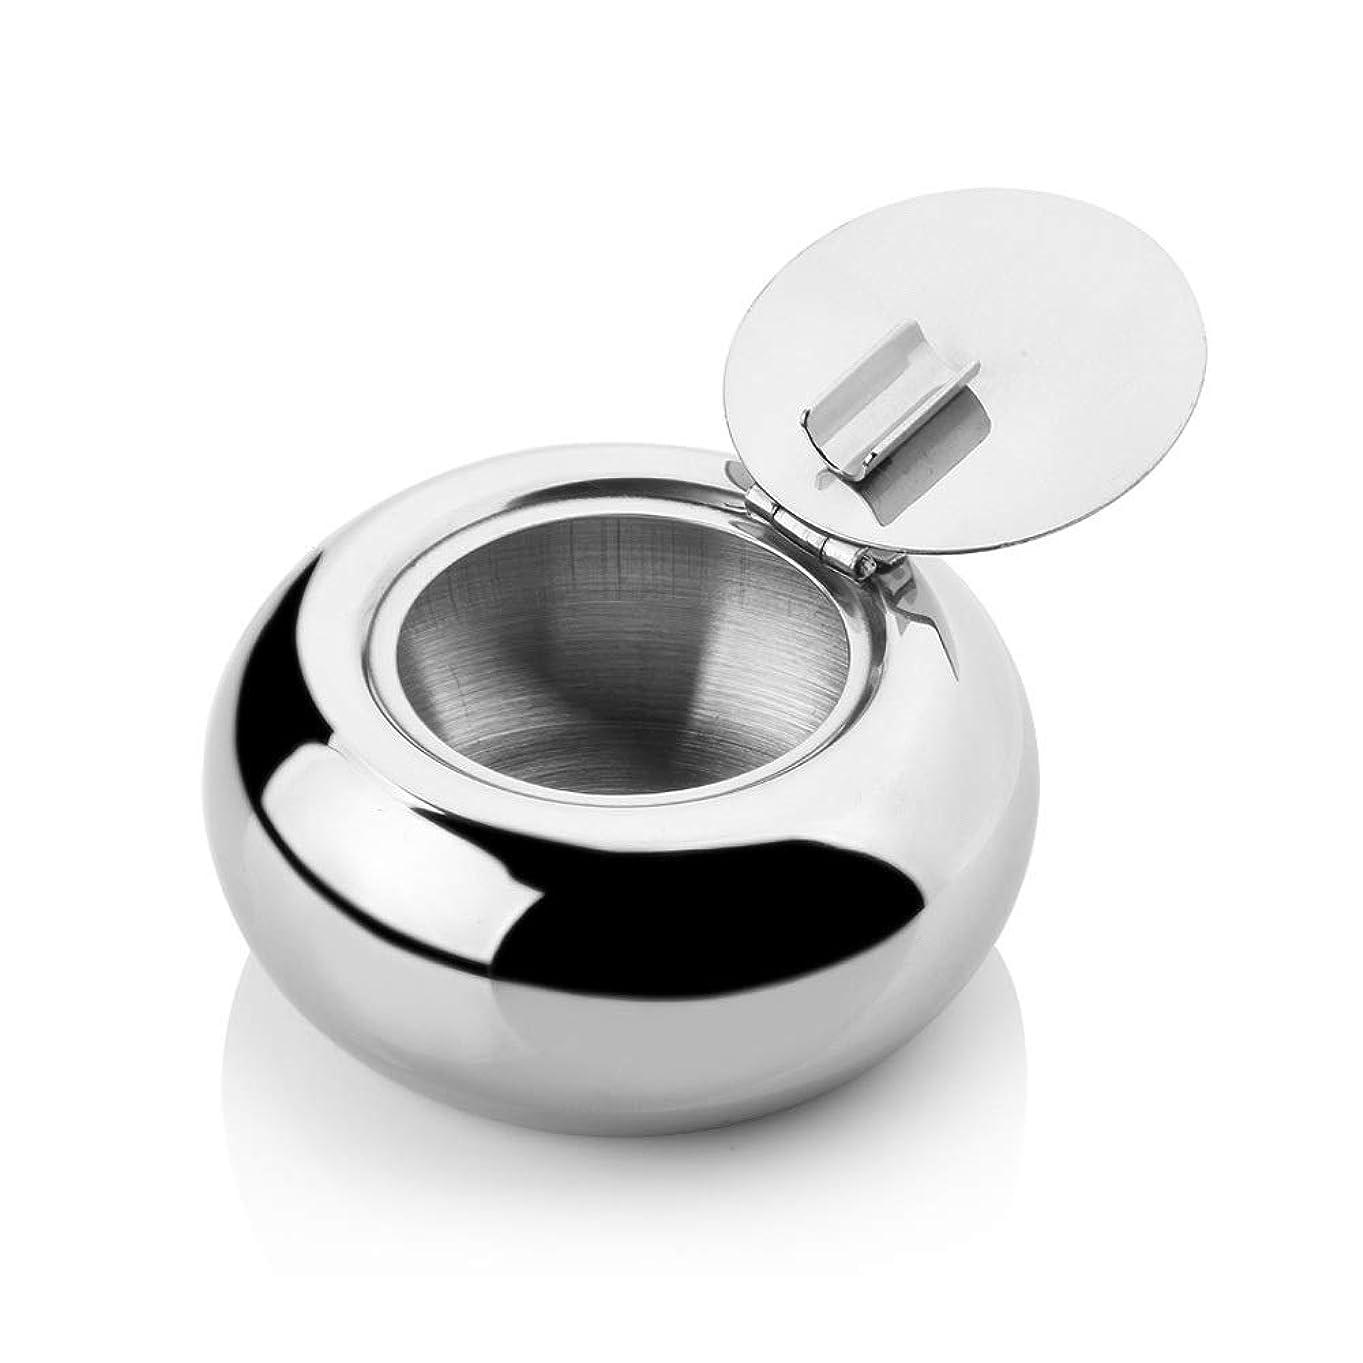 キャンペーンゴージャス篭ステンレス鋼の覆われた灰皿、屋内/屋外の普遍的な灰皿、きれいにすること容易防風の灰皿 (色 : L)